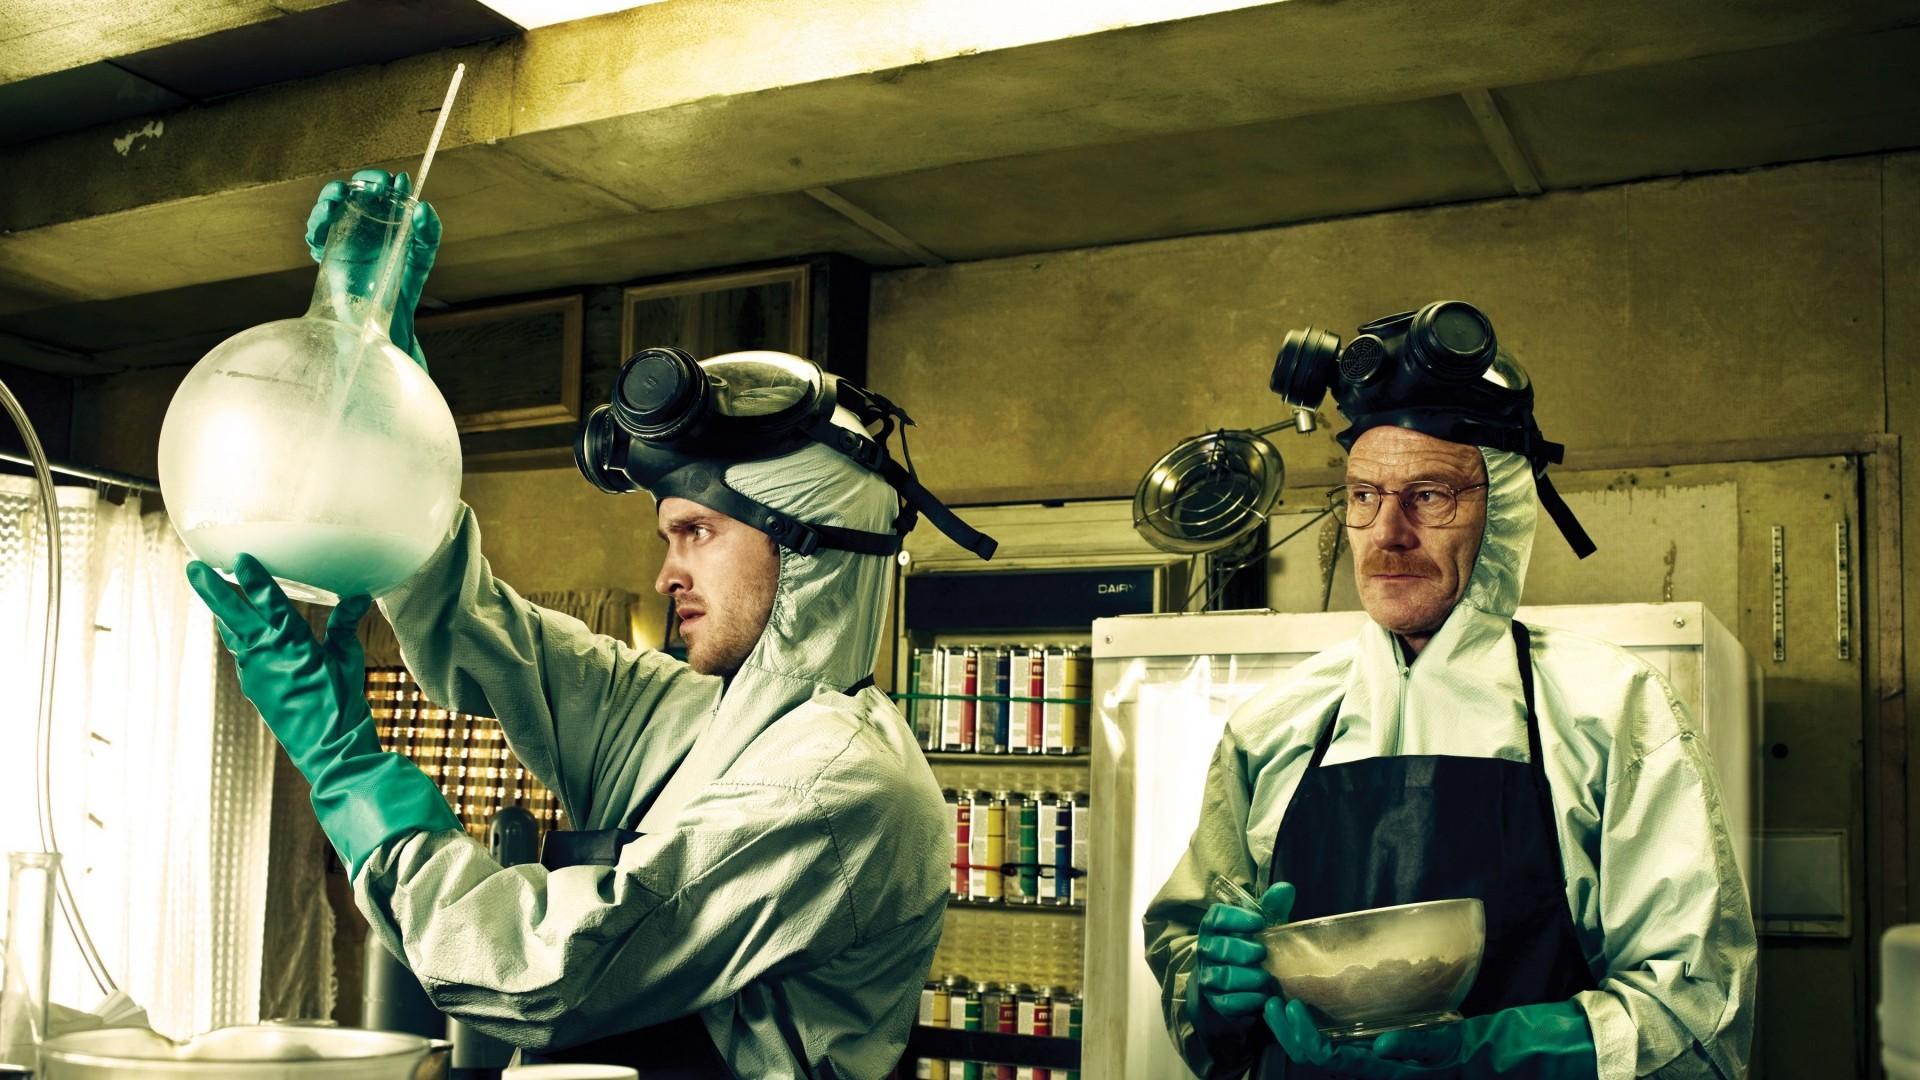 бальзаковского лаборатория волтера вайта фото все свои достоинства